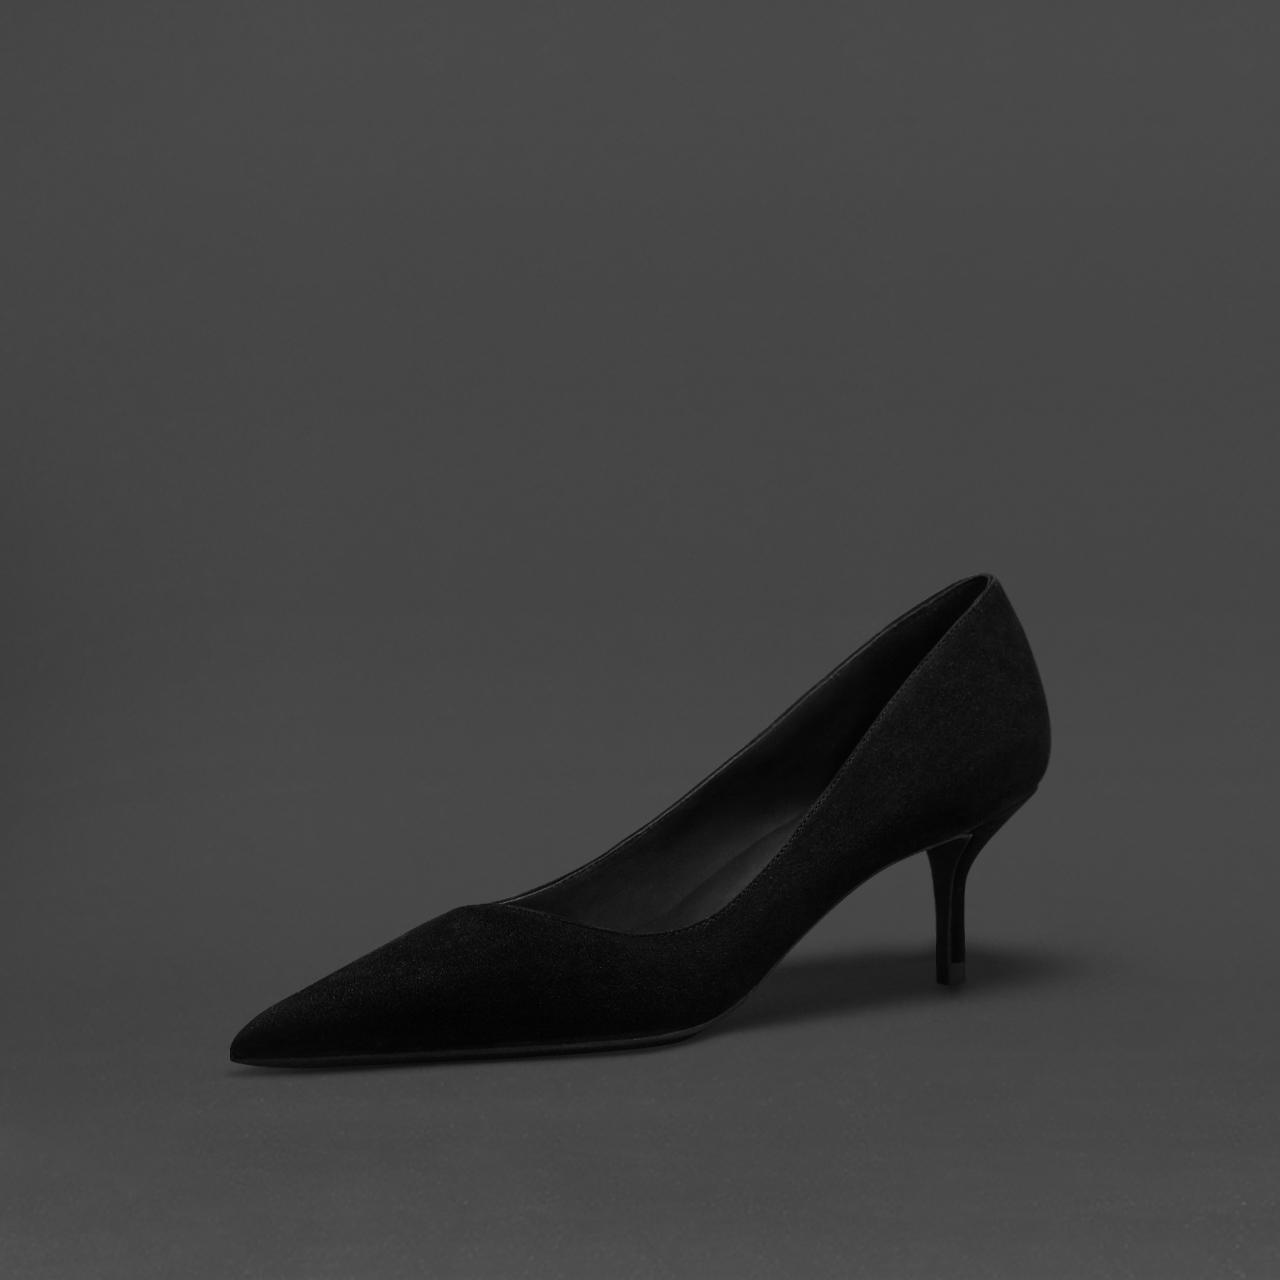 社交女鞋黑色羊猄皮尖头小高跟鞋浅口职业通勤百搭气质细中跟单鞋图片